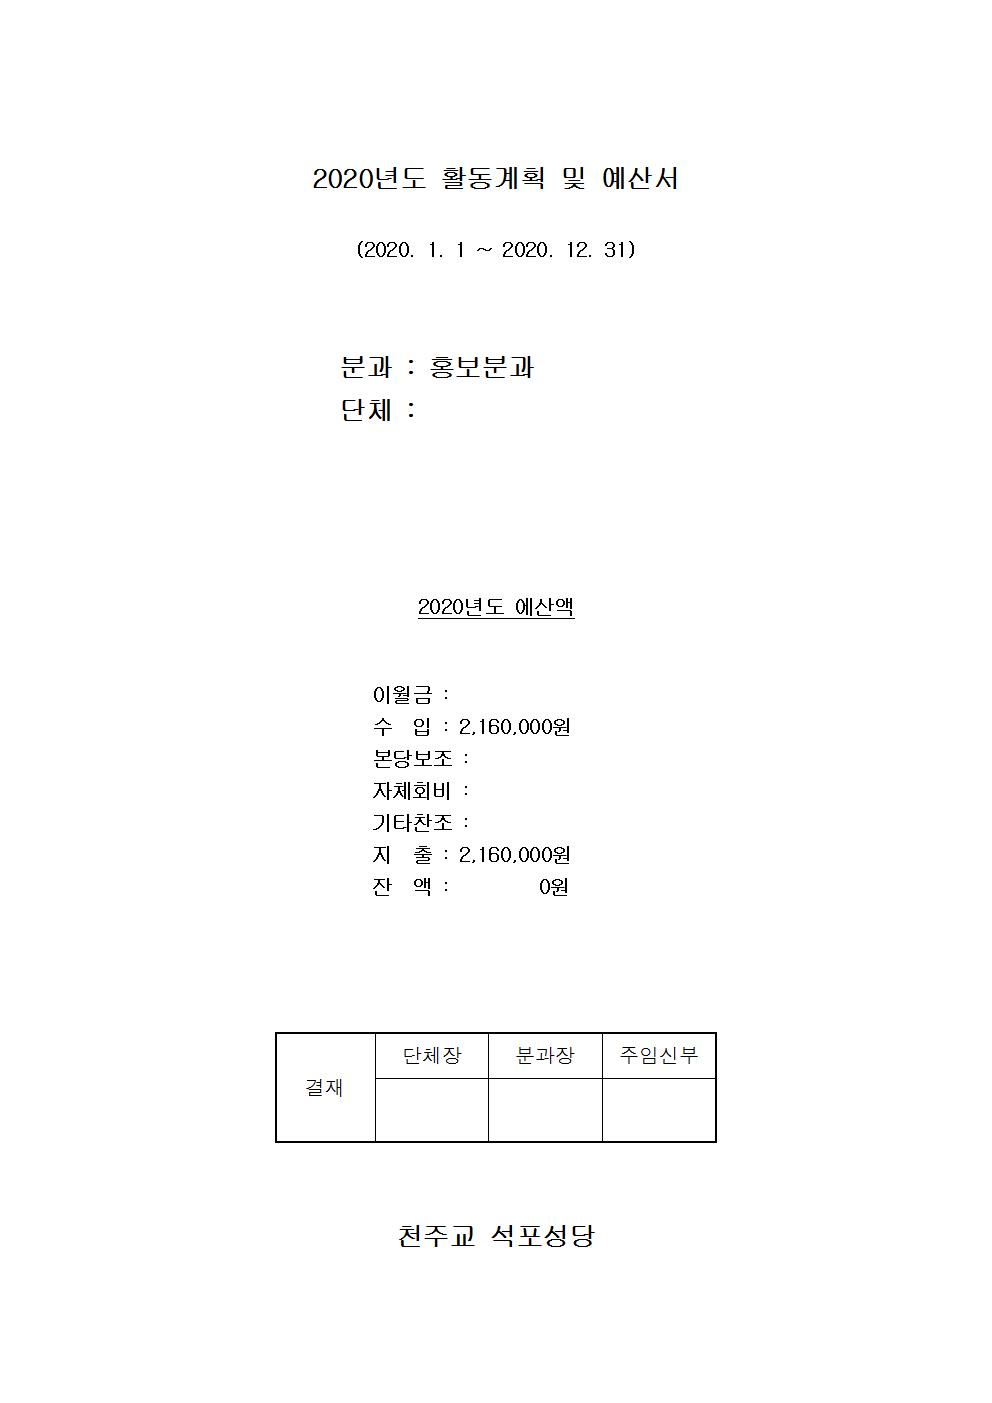 석포성당 홍보분과 2019년 활동 결산 및 2020년 활동계획001.png